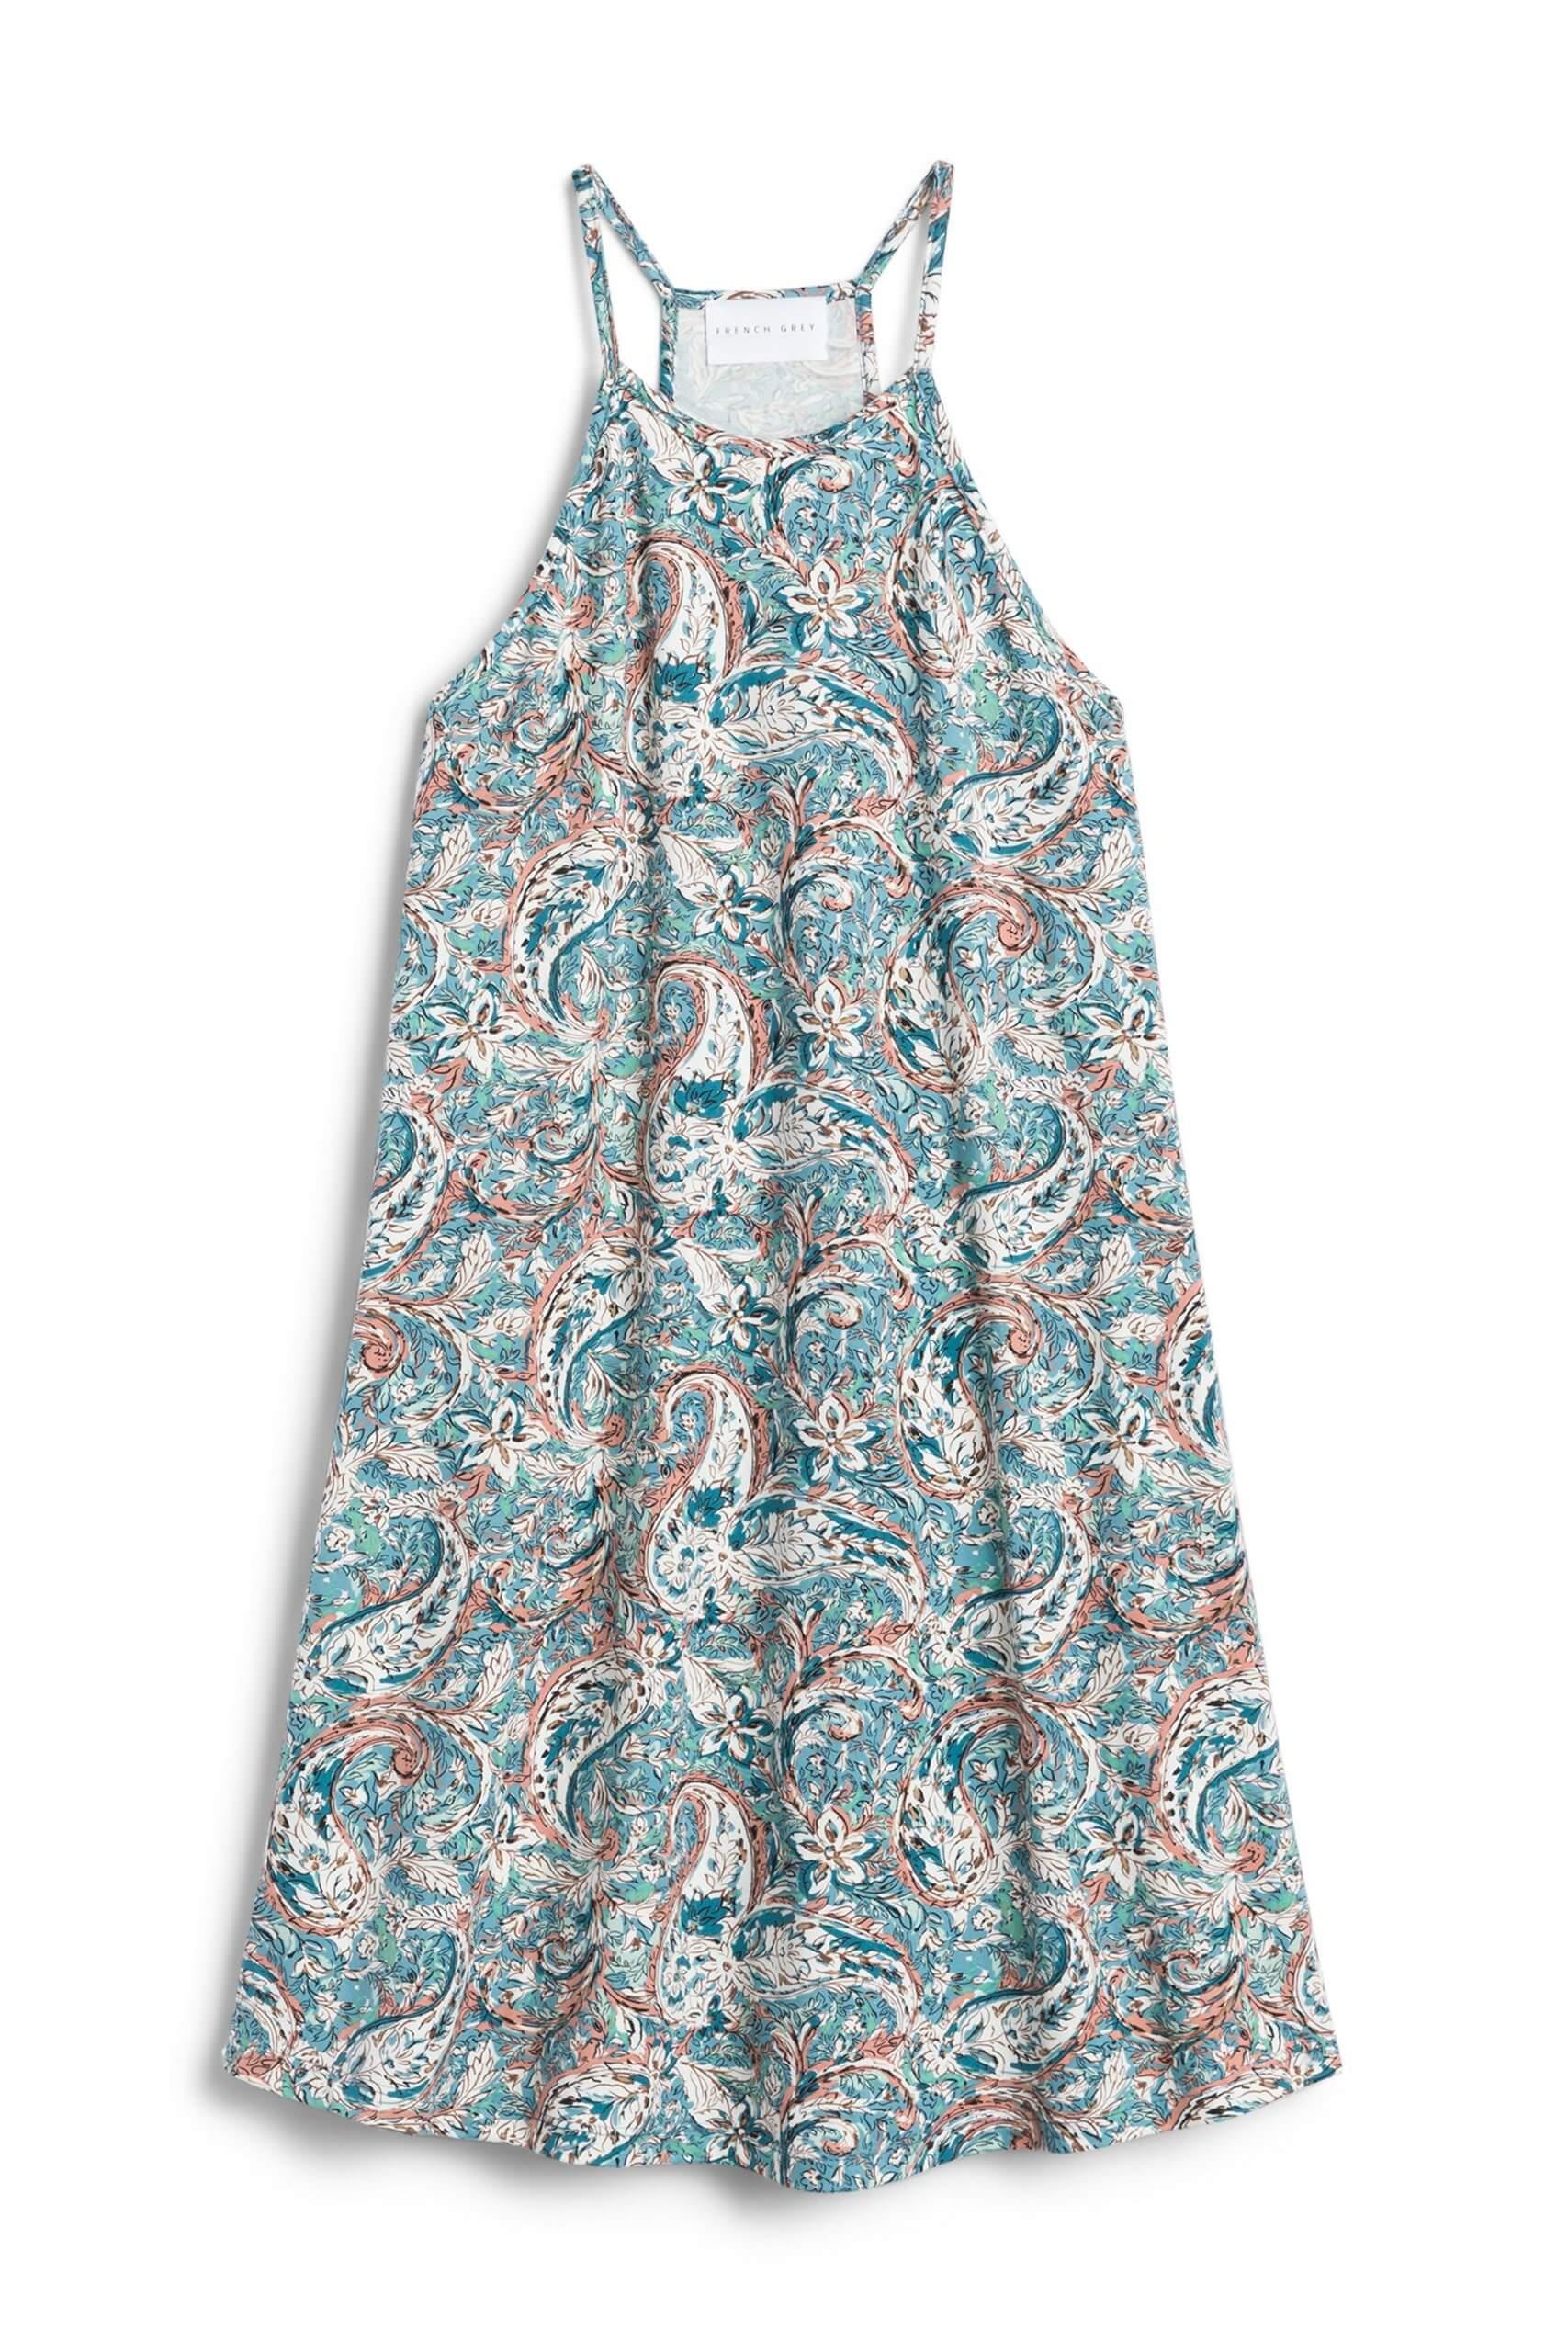 Stitch Fix Women's blue paisley print shift dress.